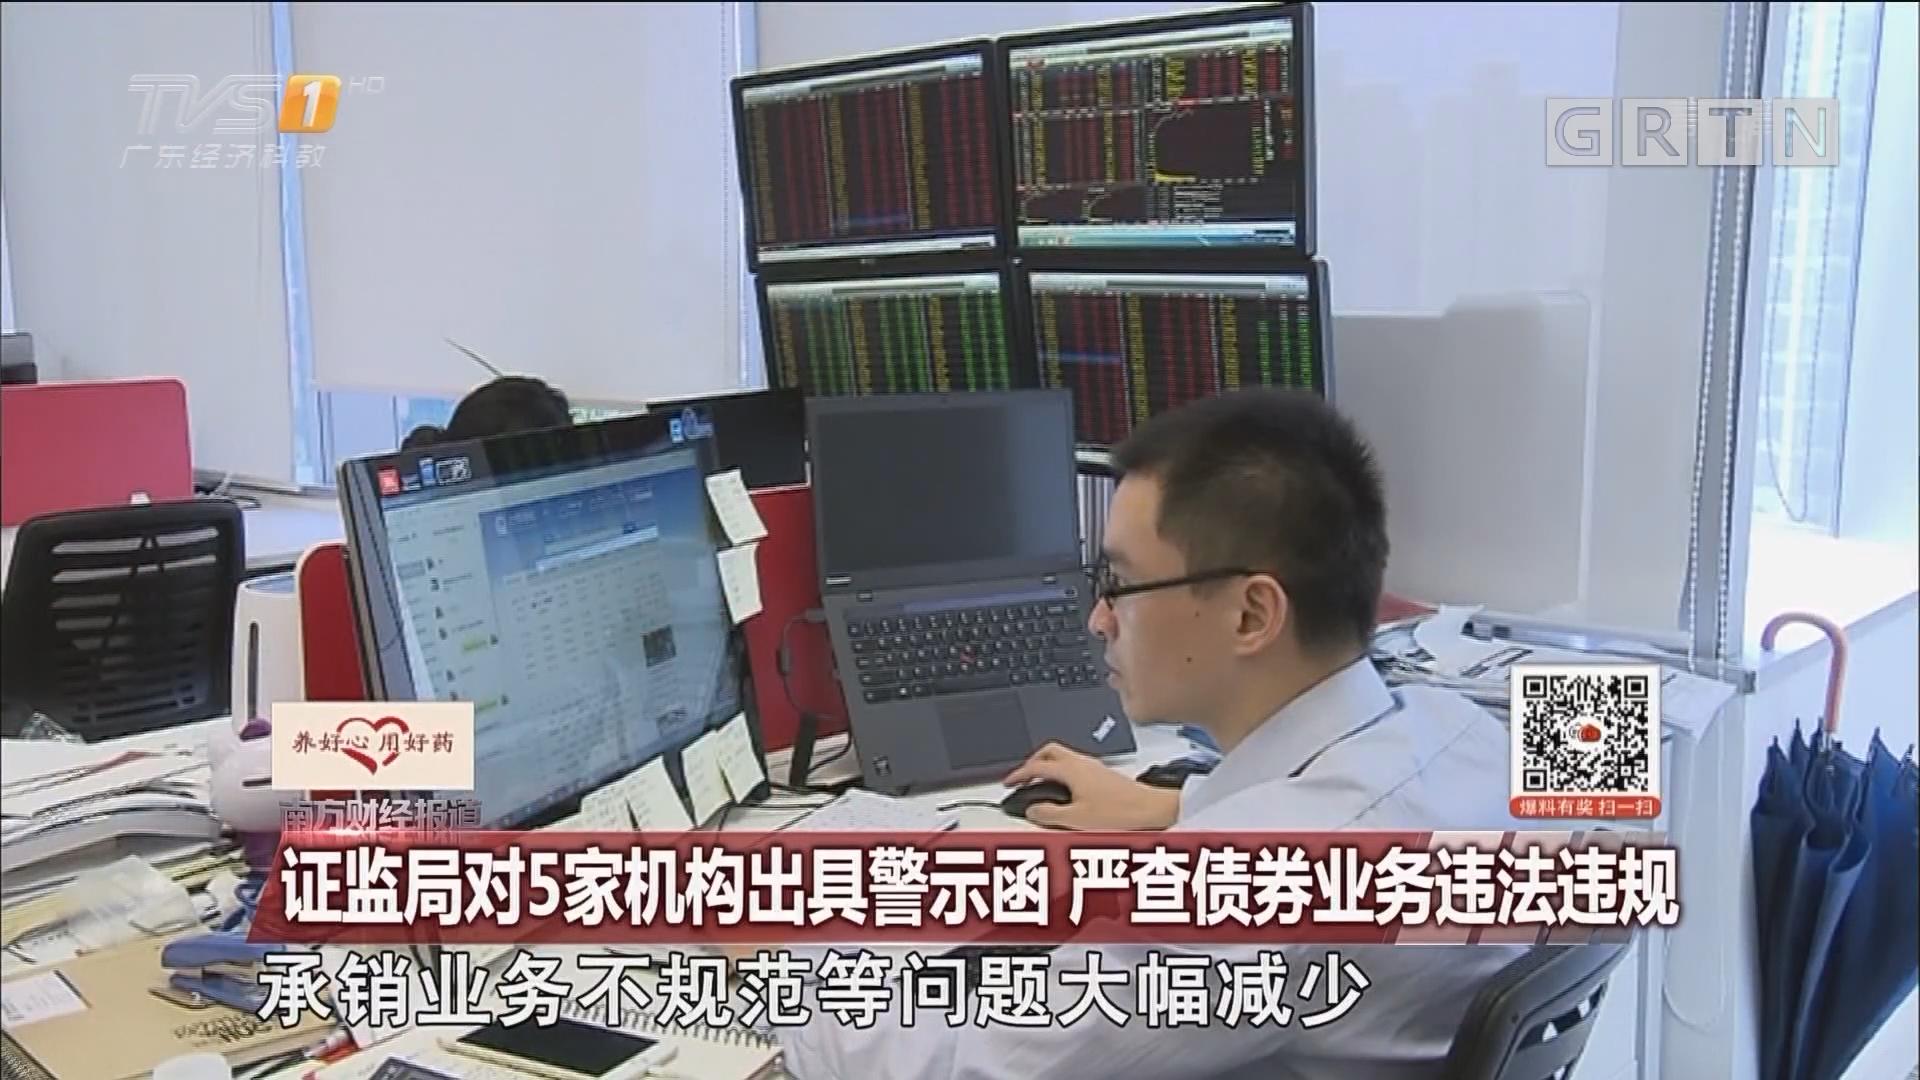 证监局对5家机构出具警示函 严查债券业务违法违规